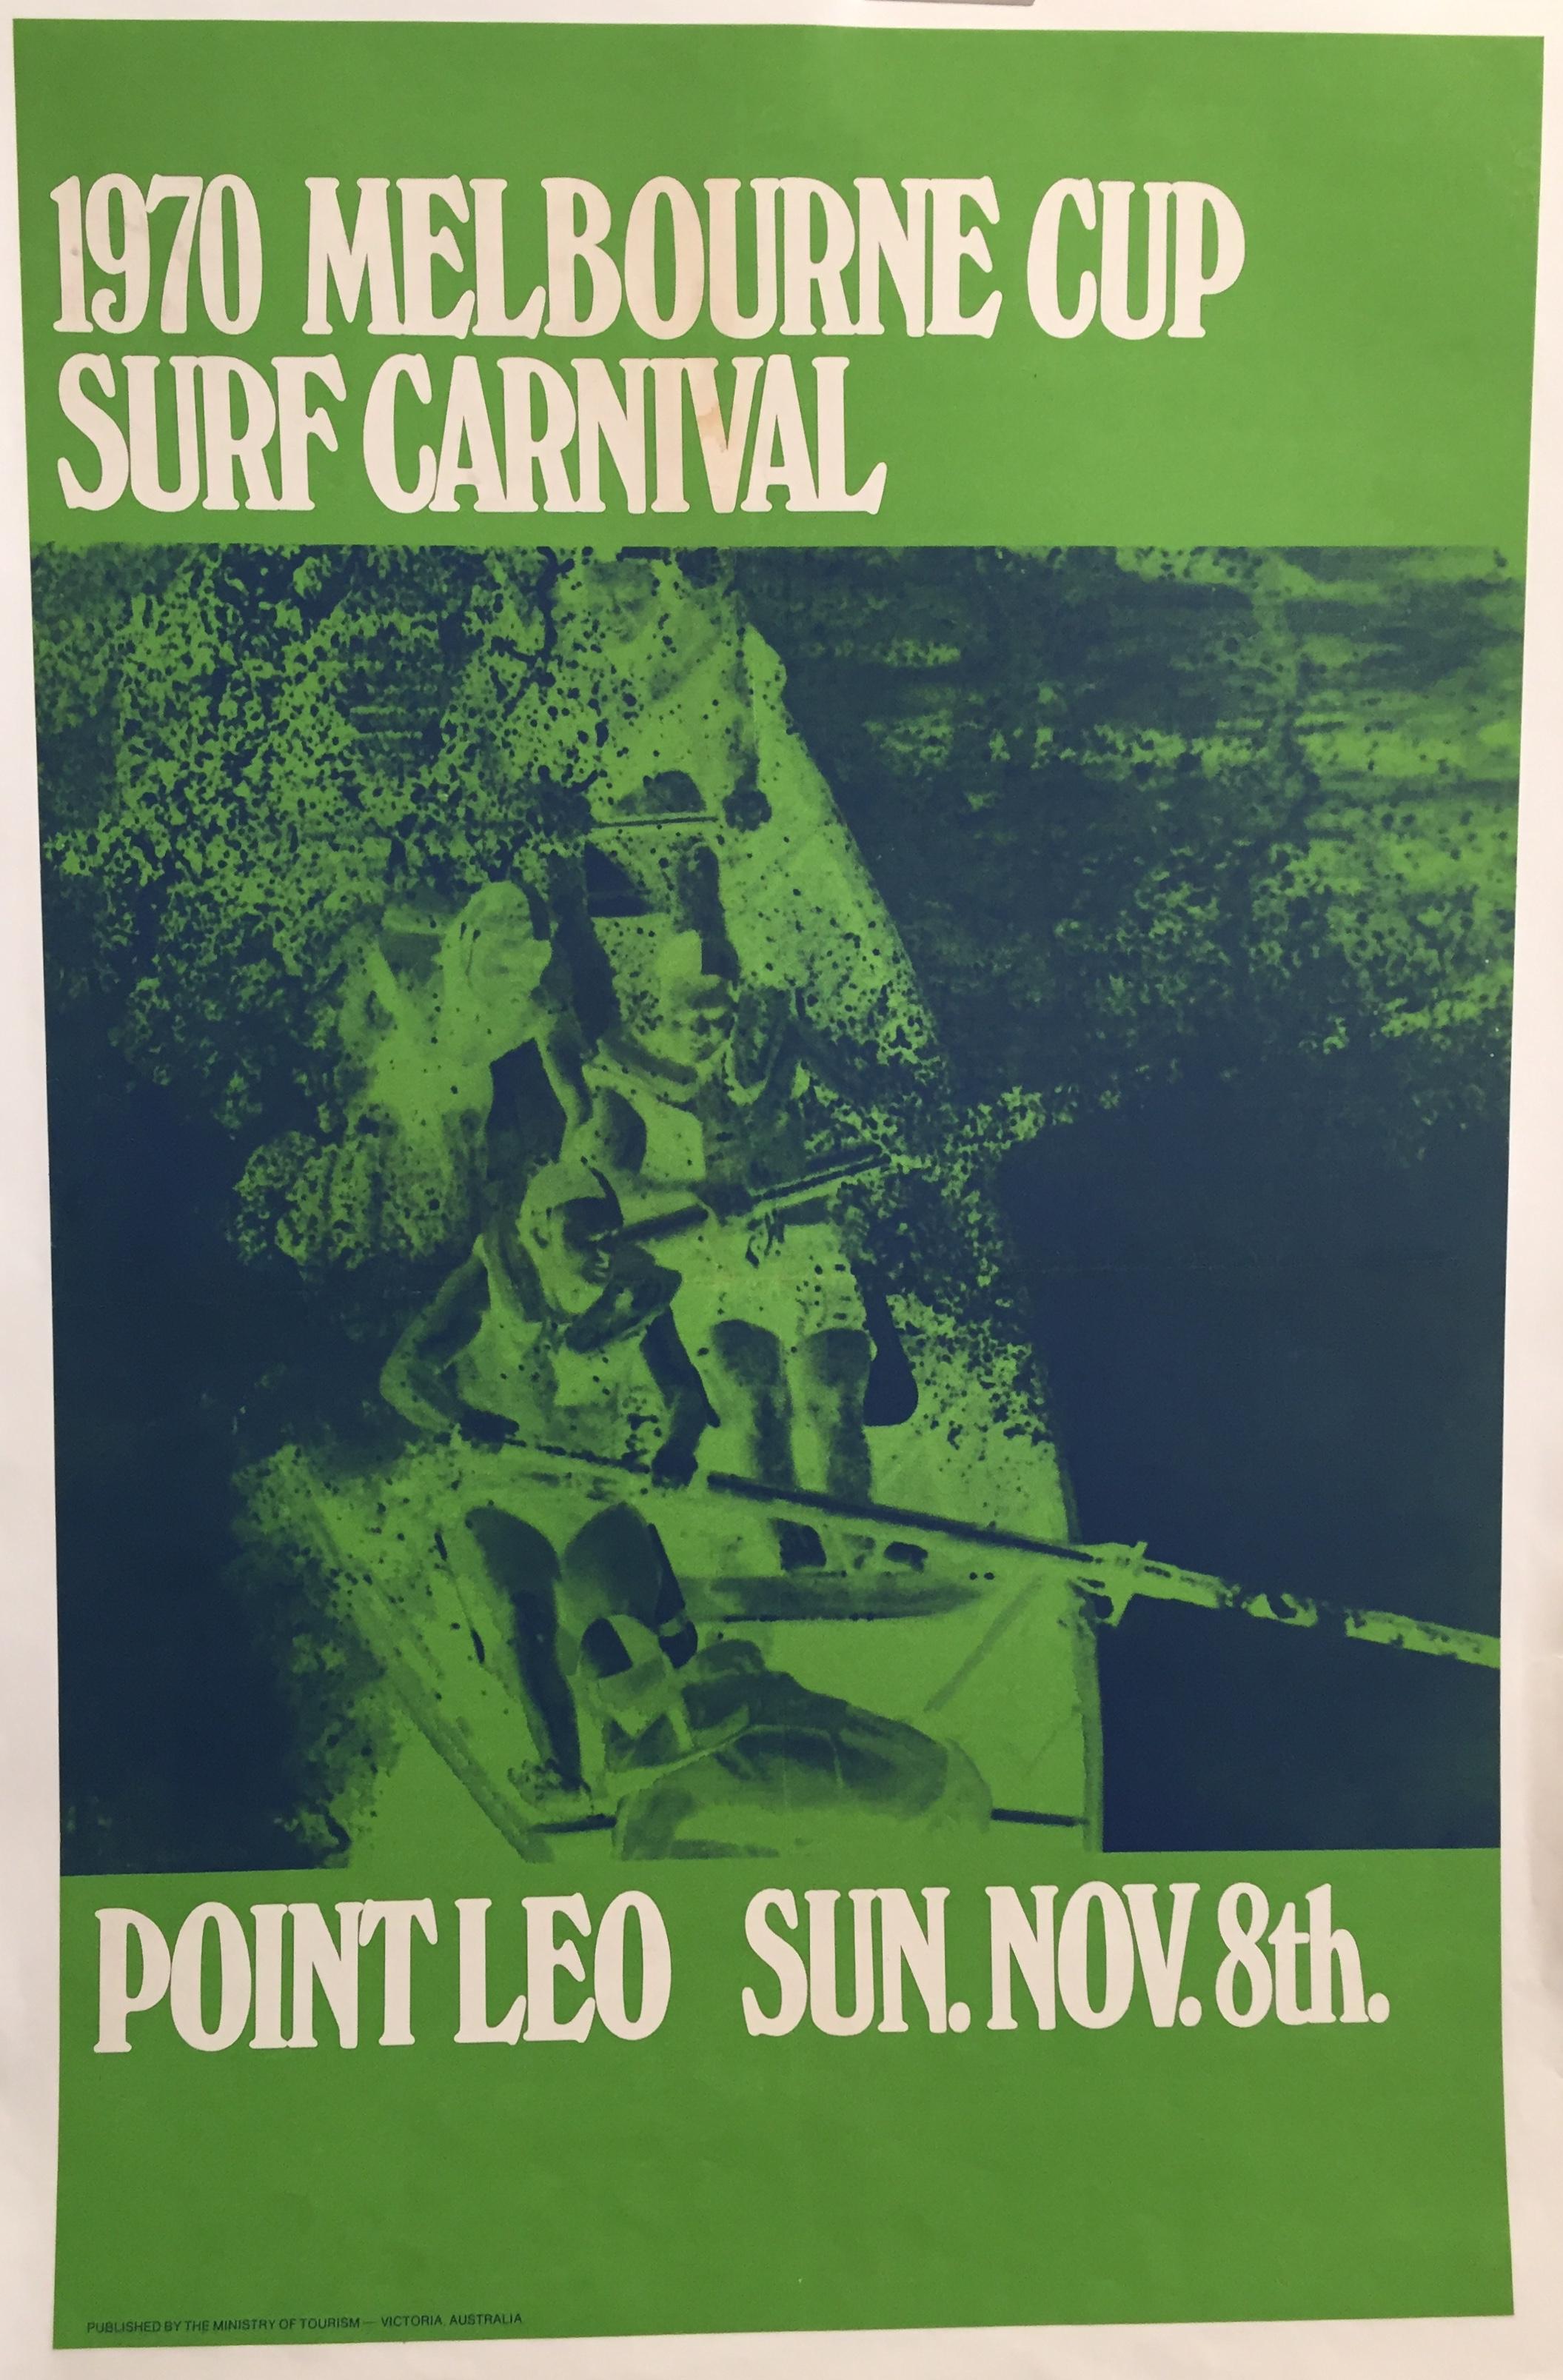 1970 Melbourne Cup Surf Carnival Original Vintage Poster